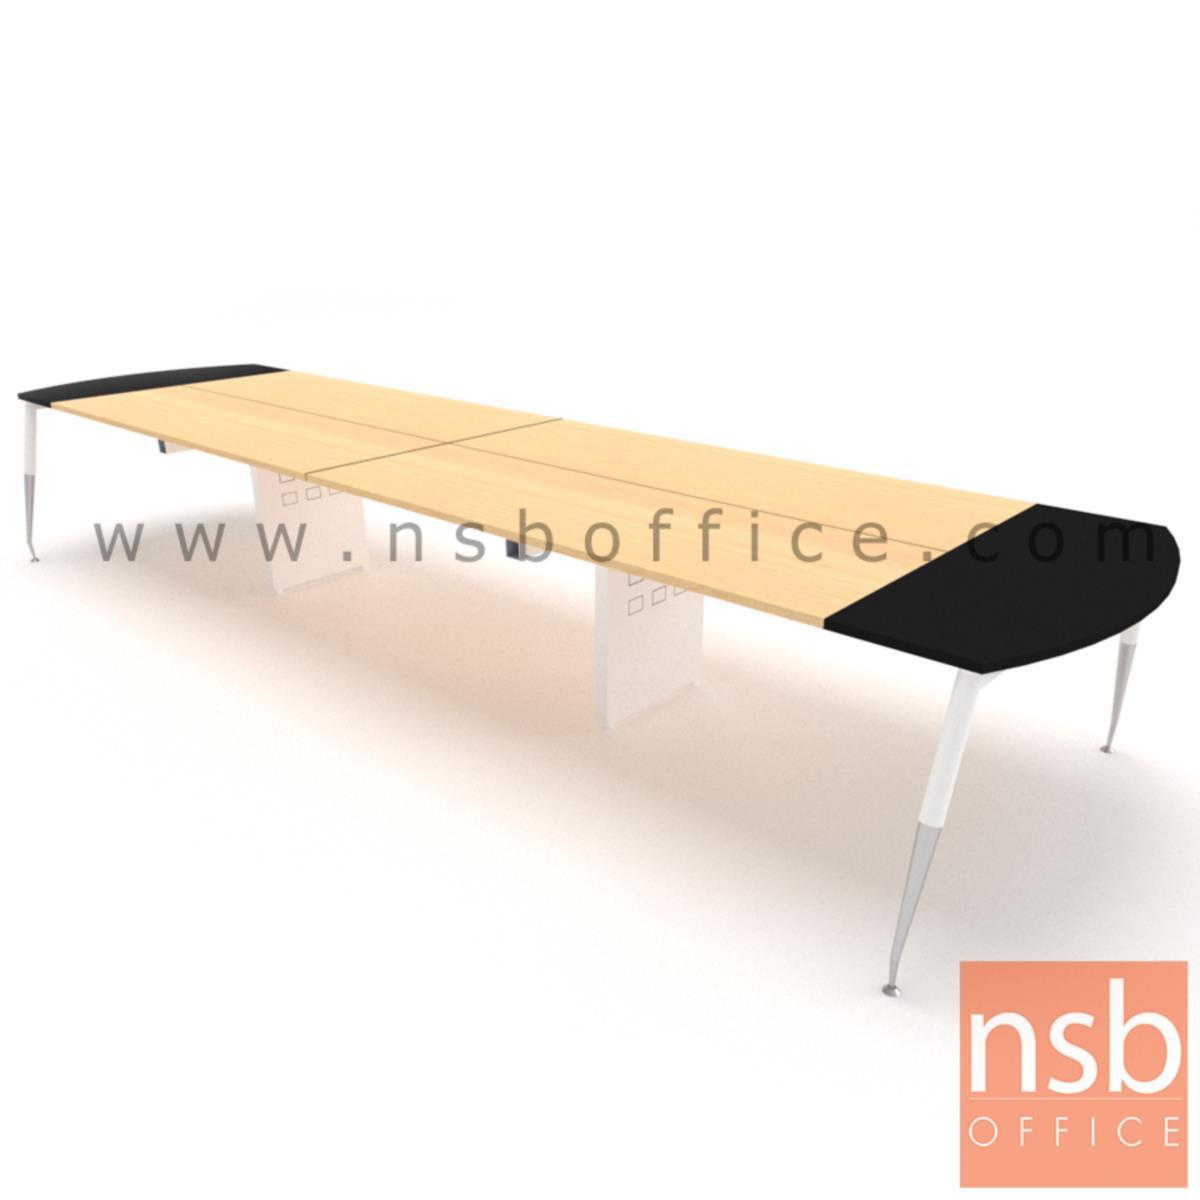 โต๊ะประชุมหัวโค้ง ขาปลายเรียว ลึก 150 cm.  ขากลางมีกล่องนำสายไฟ